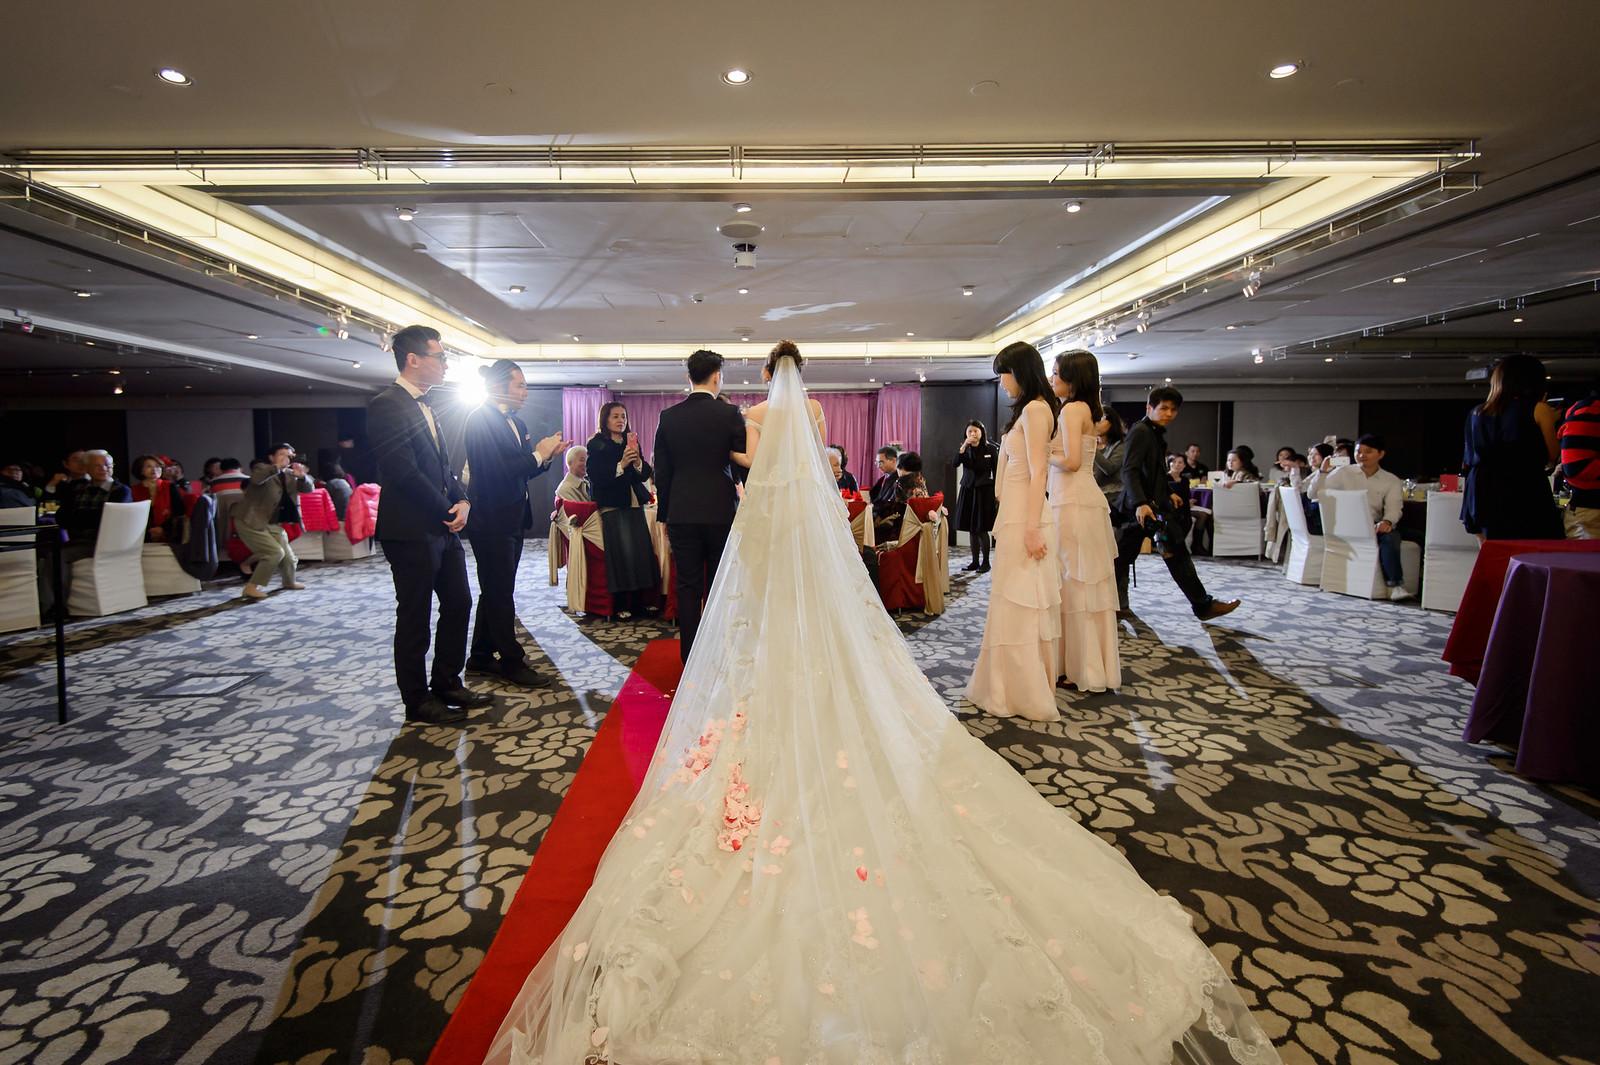 台北婚攝, 婚禮攝影, 婚攝, 婚攝守恆, 婚攝推薦, 晶華酒店, 晶華酒店婚宴, 晶華酒店婚攝-75